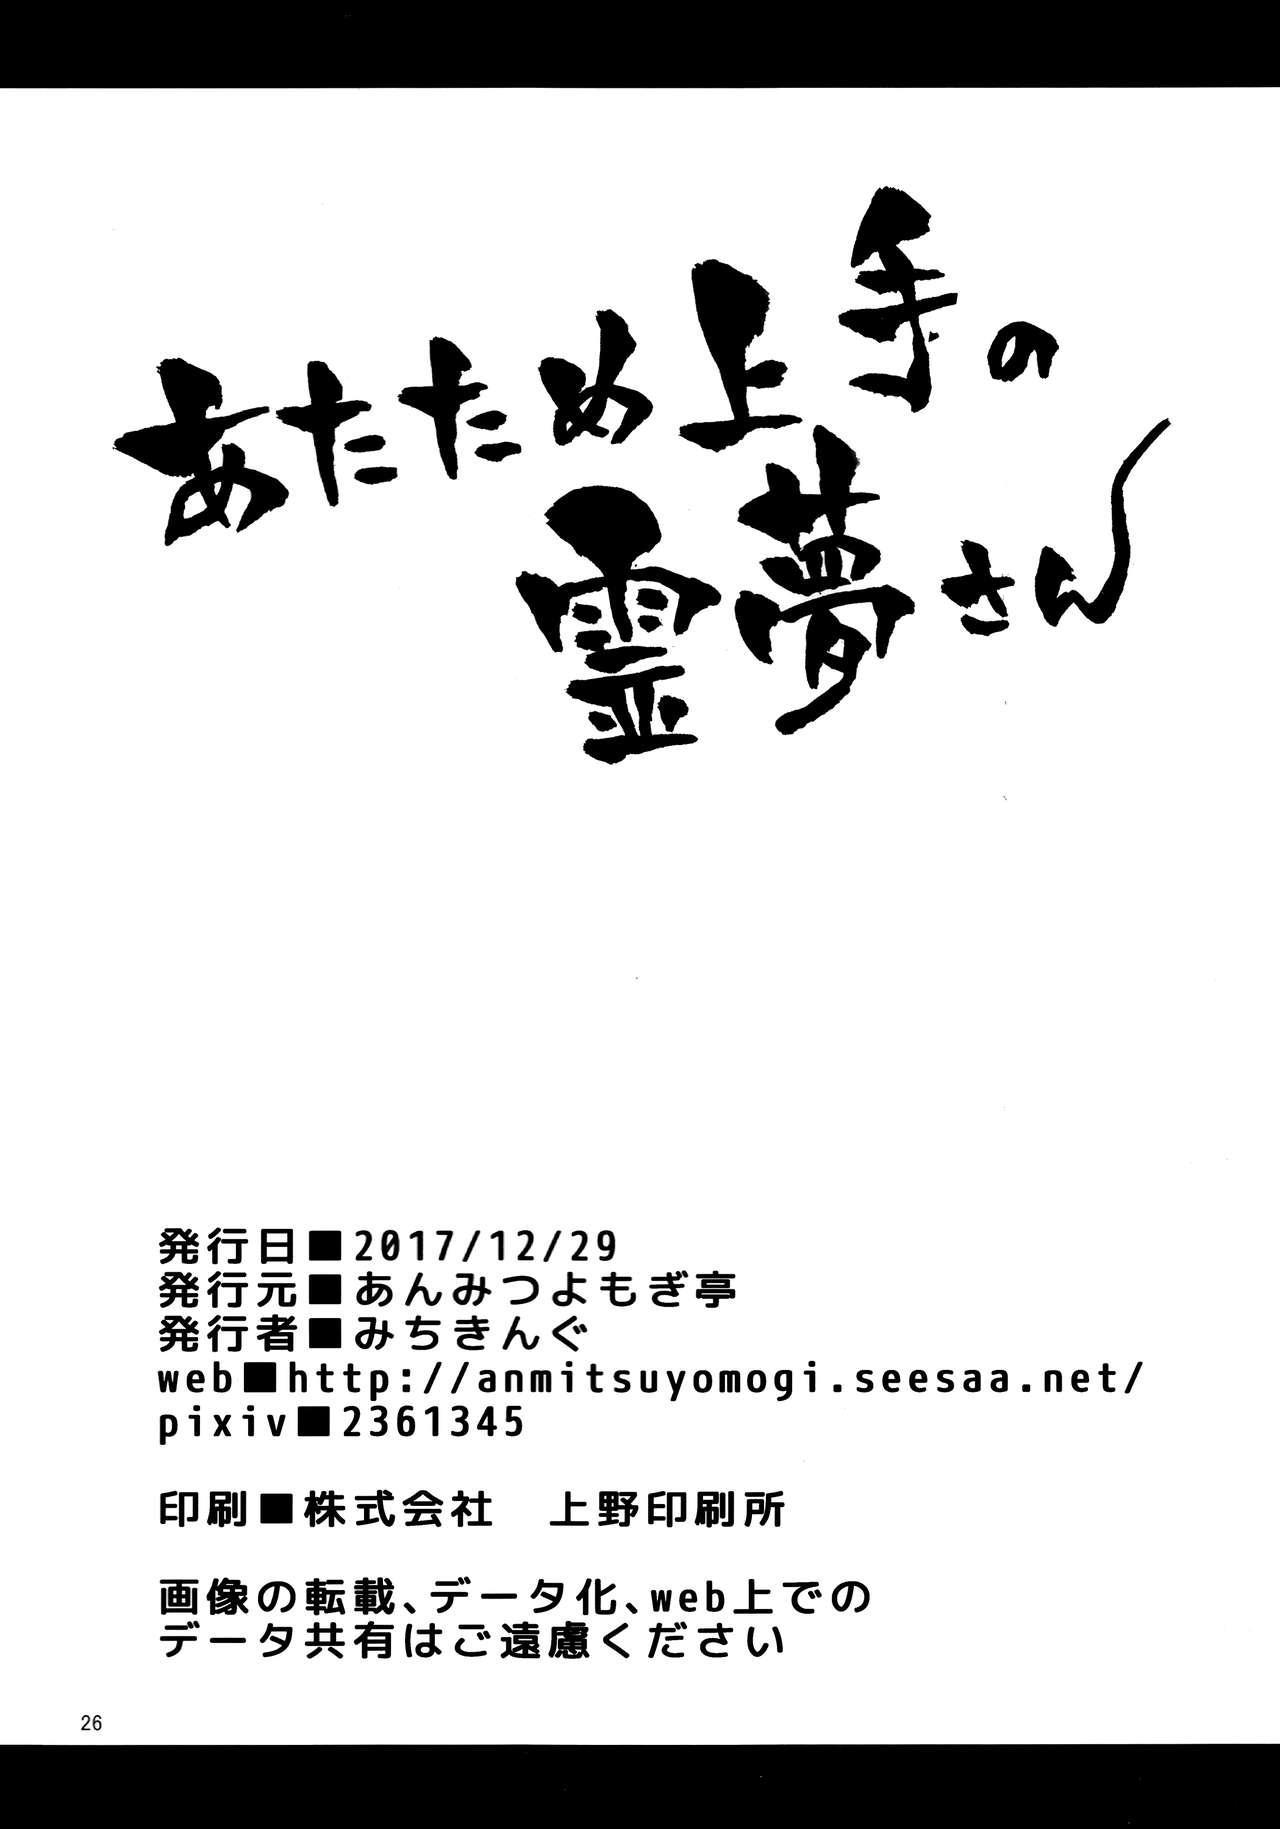 Atatame Jouzu no Reimu-san 25